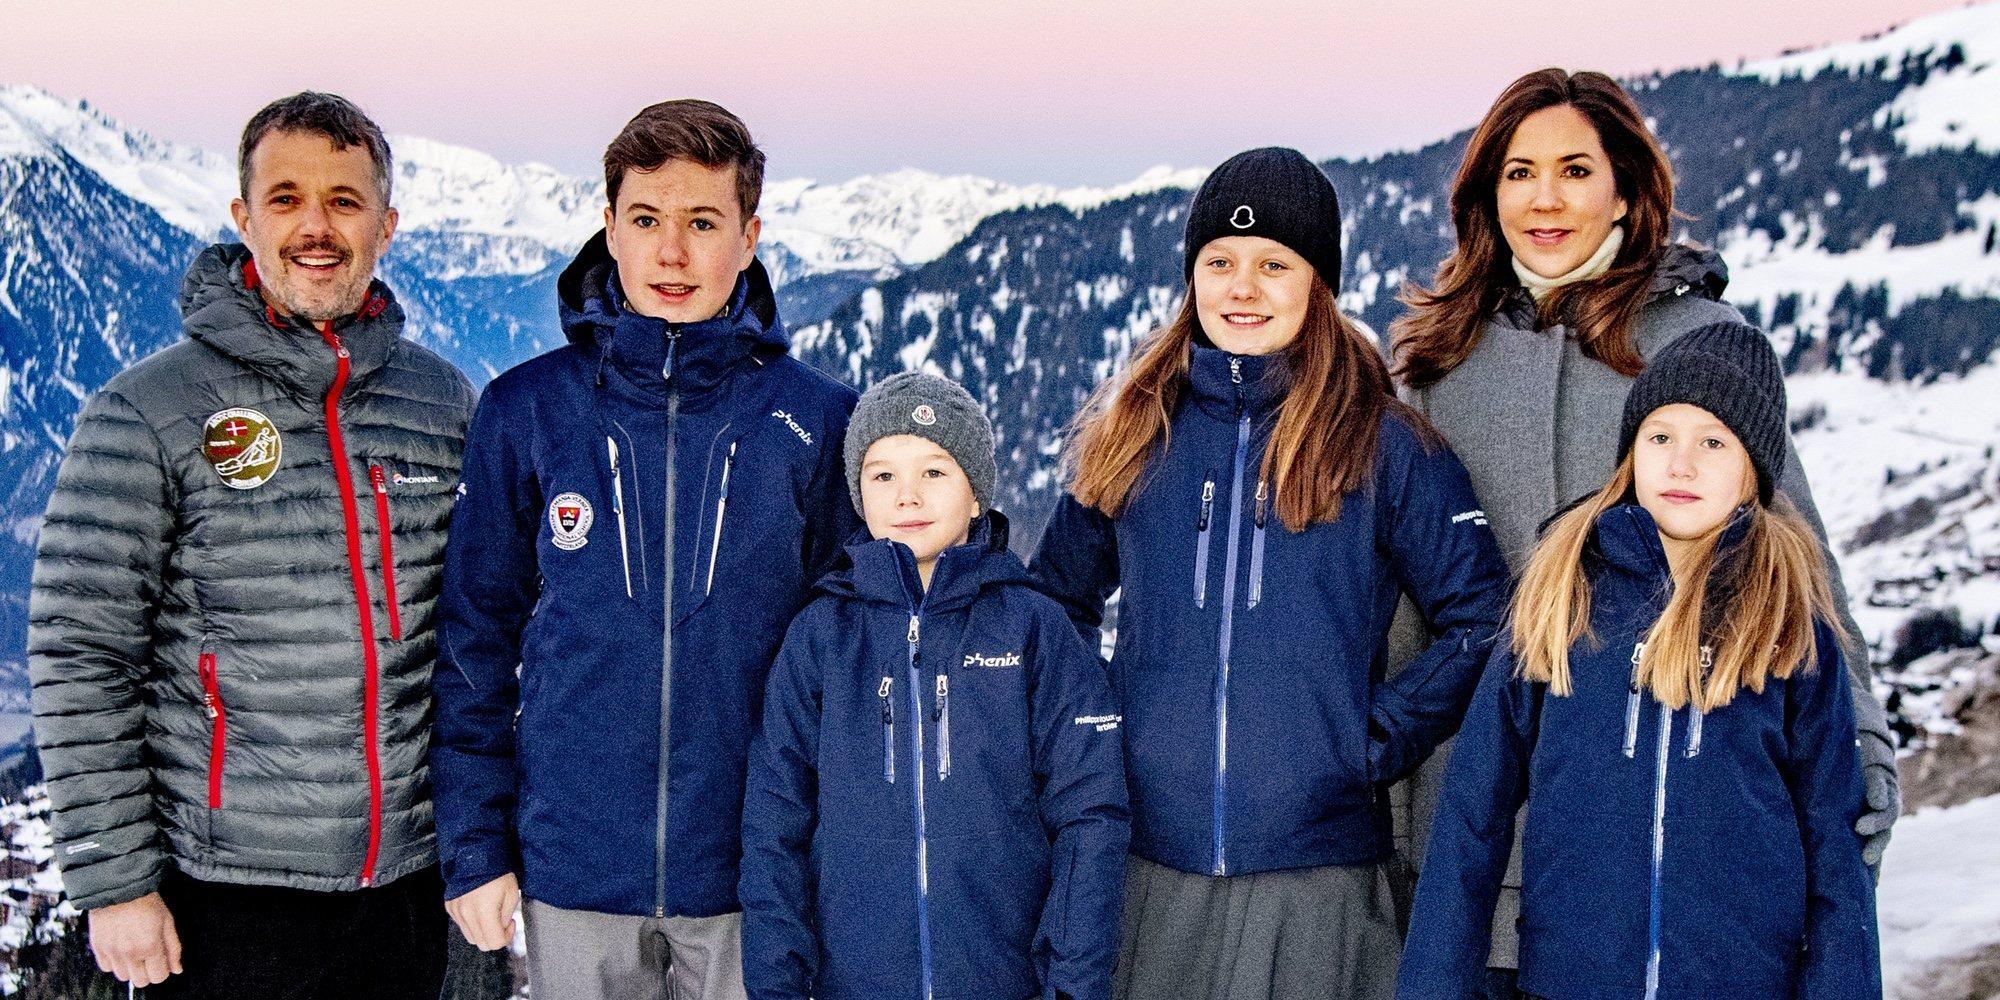 Los Príncipes Federico y Mary de Dinamarca posan con sus cuatro hijos en su primer día de internado en Suiza